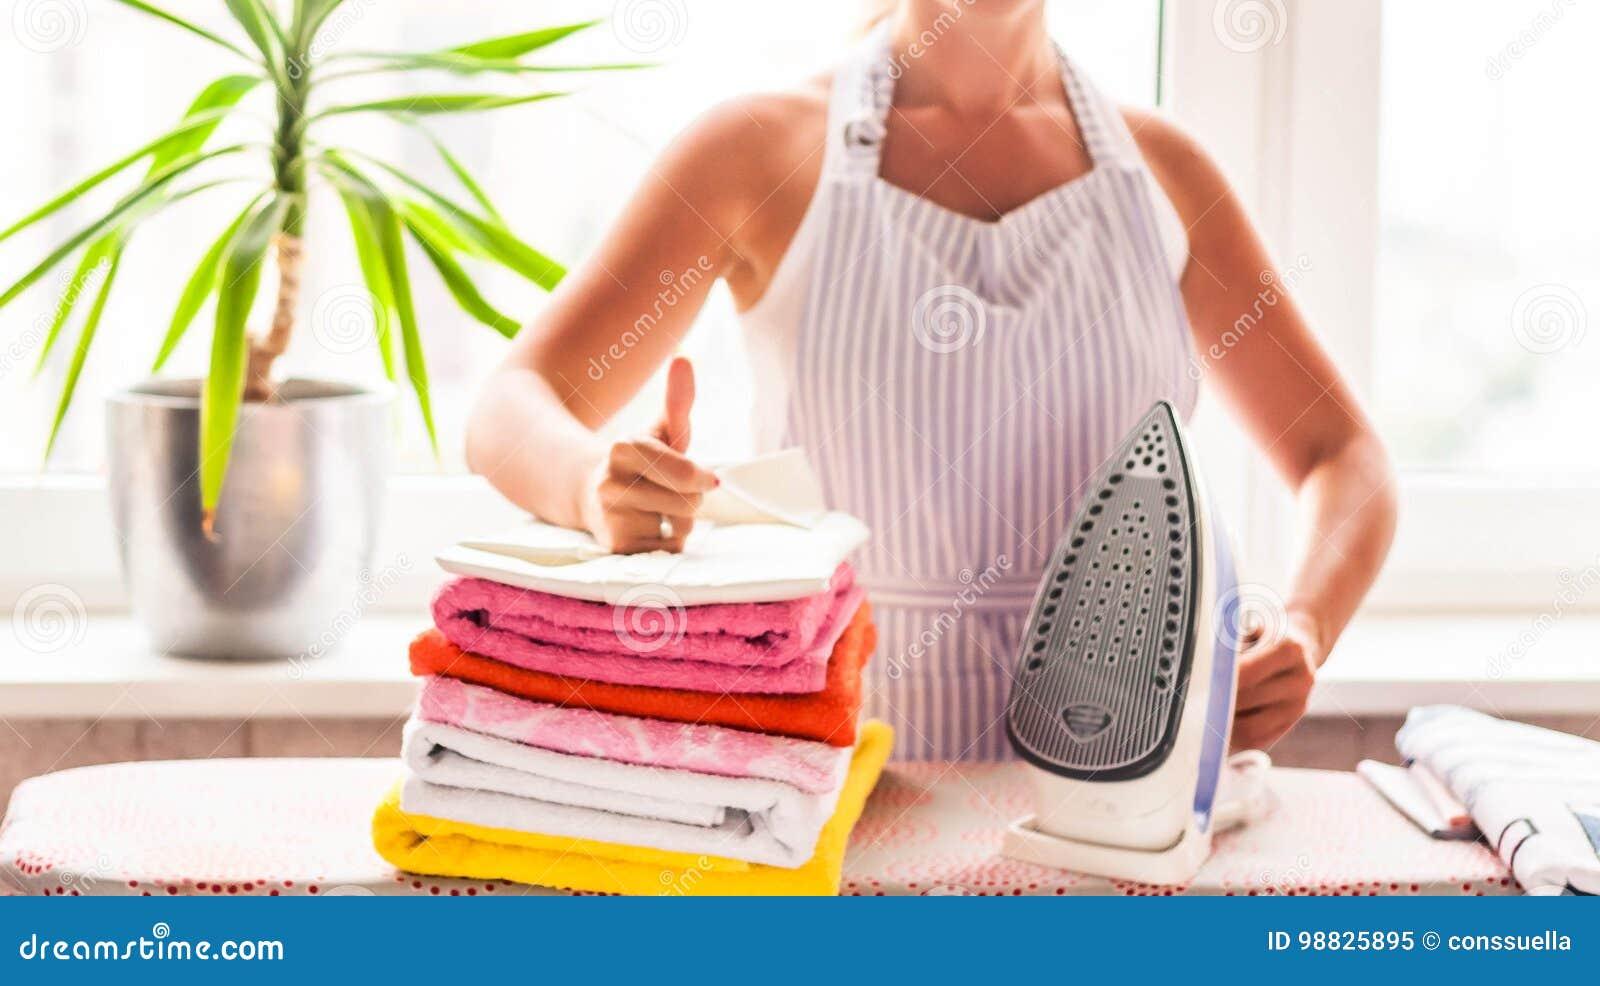 Repassant vêtx sur la planche à repasser, les vêtements repassés repassant, la blanchisserie, vêtements, ménage et objecte le con